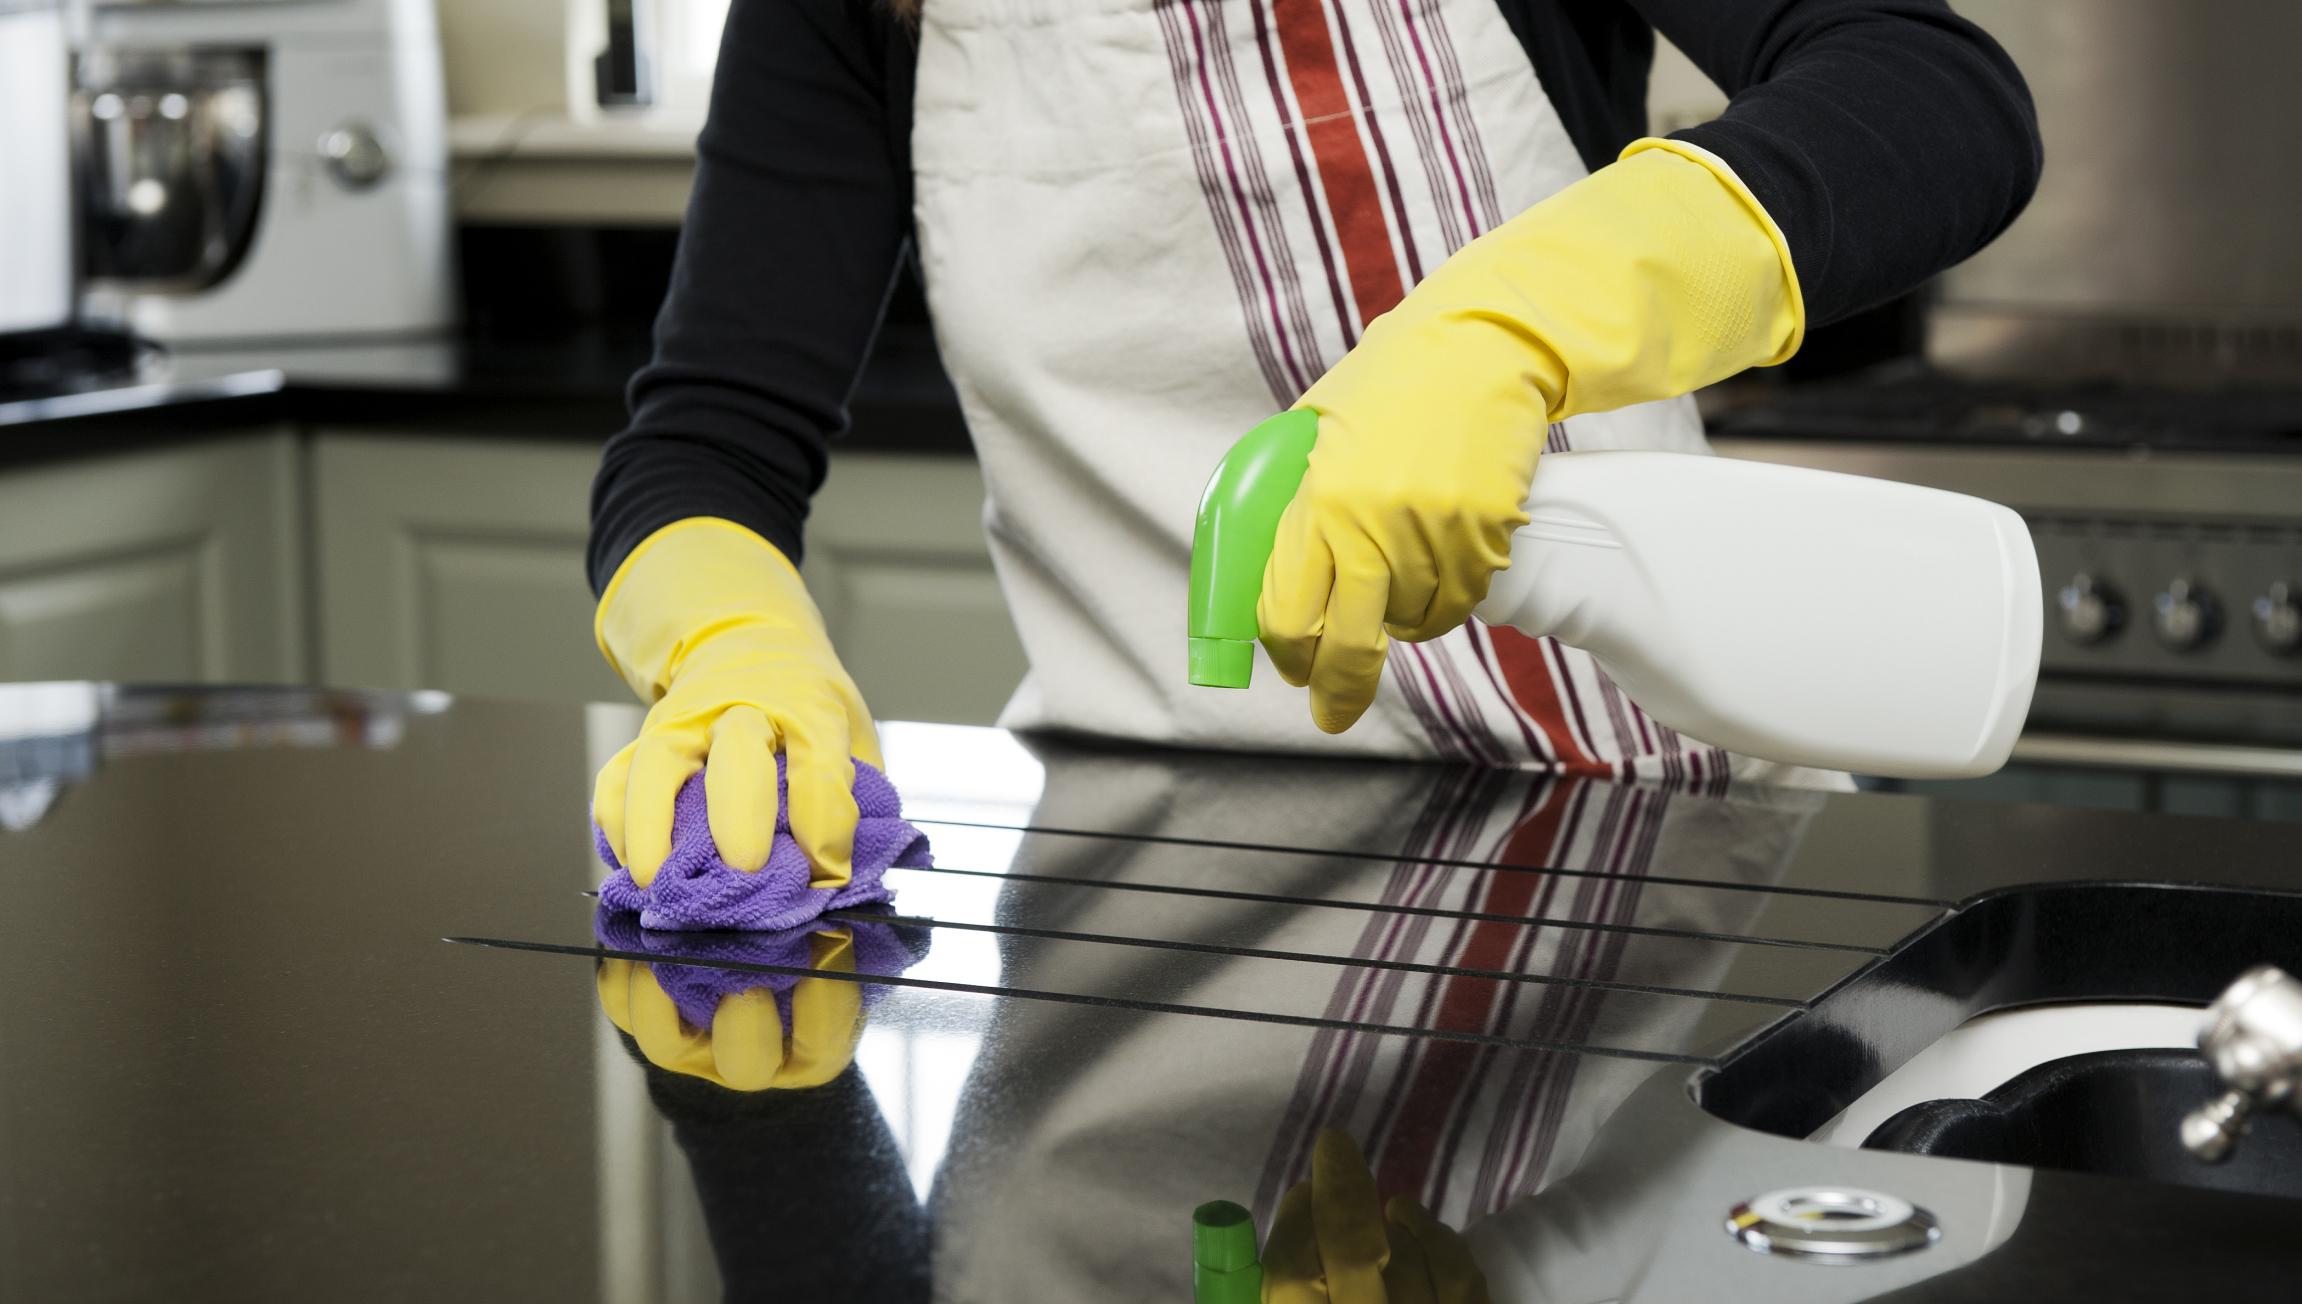 بالصور تنظيف المطبخ , احلي صور لنظافة مطبخك 5211 2